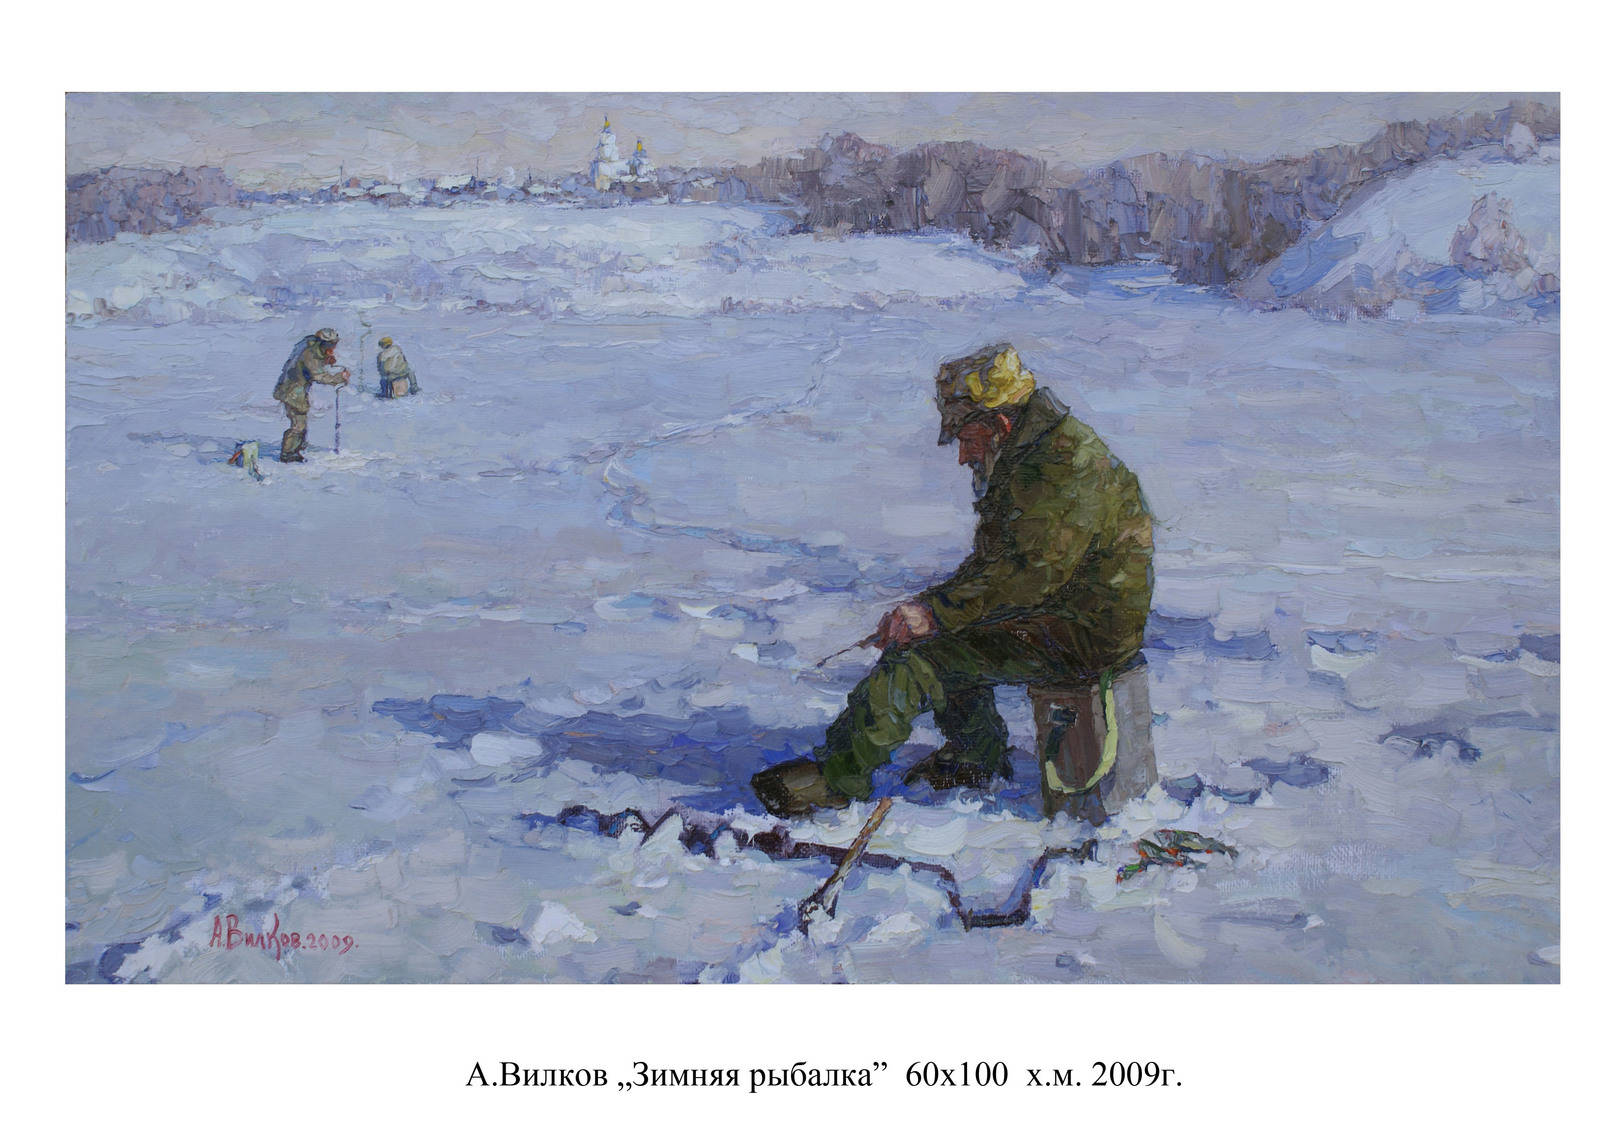 рассказ по картине рыбак финляндия